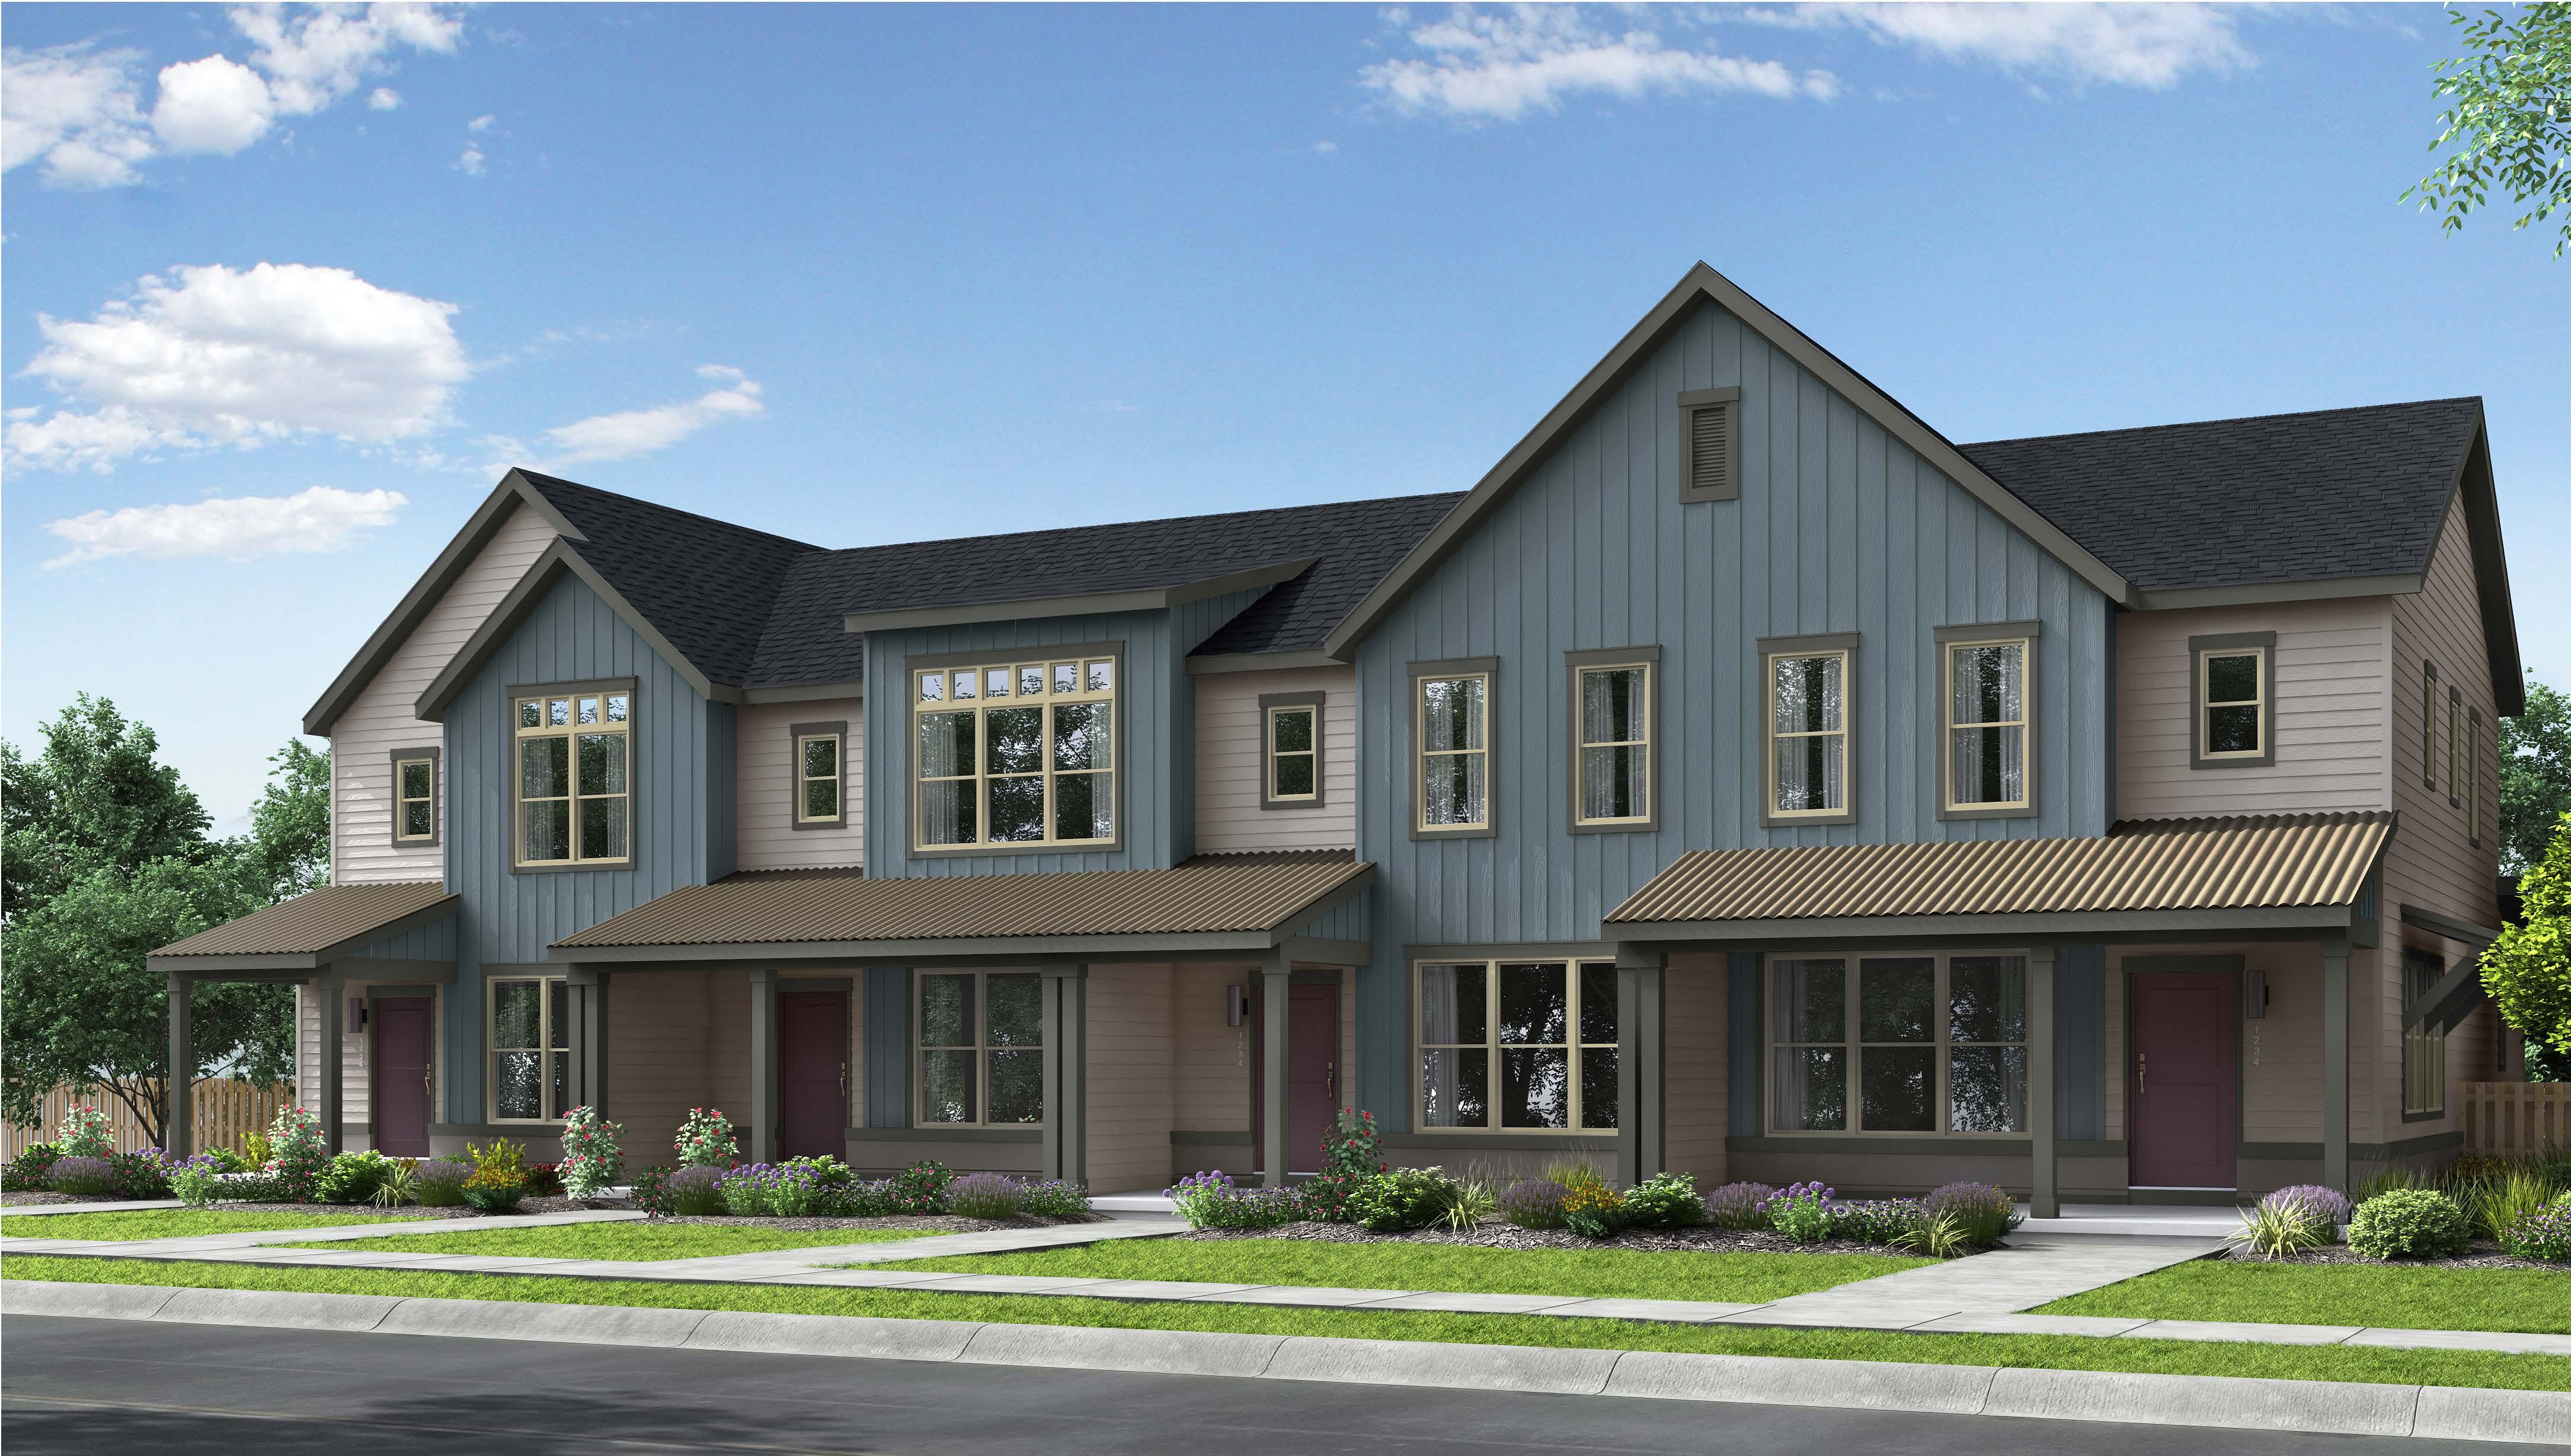 Thrive home builders archives stapleton denver for Thrive homes denver